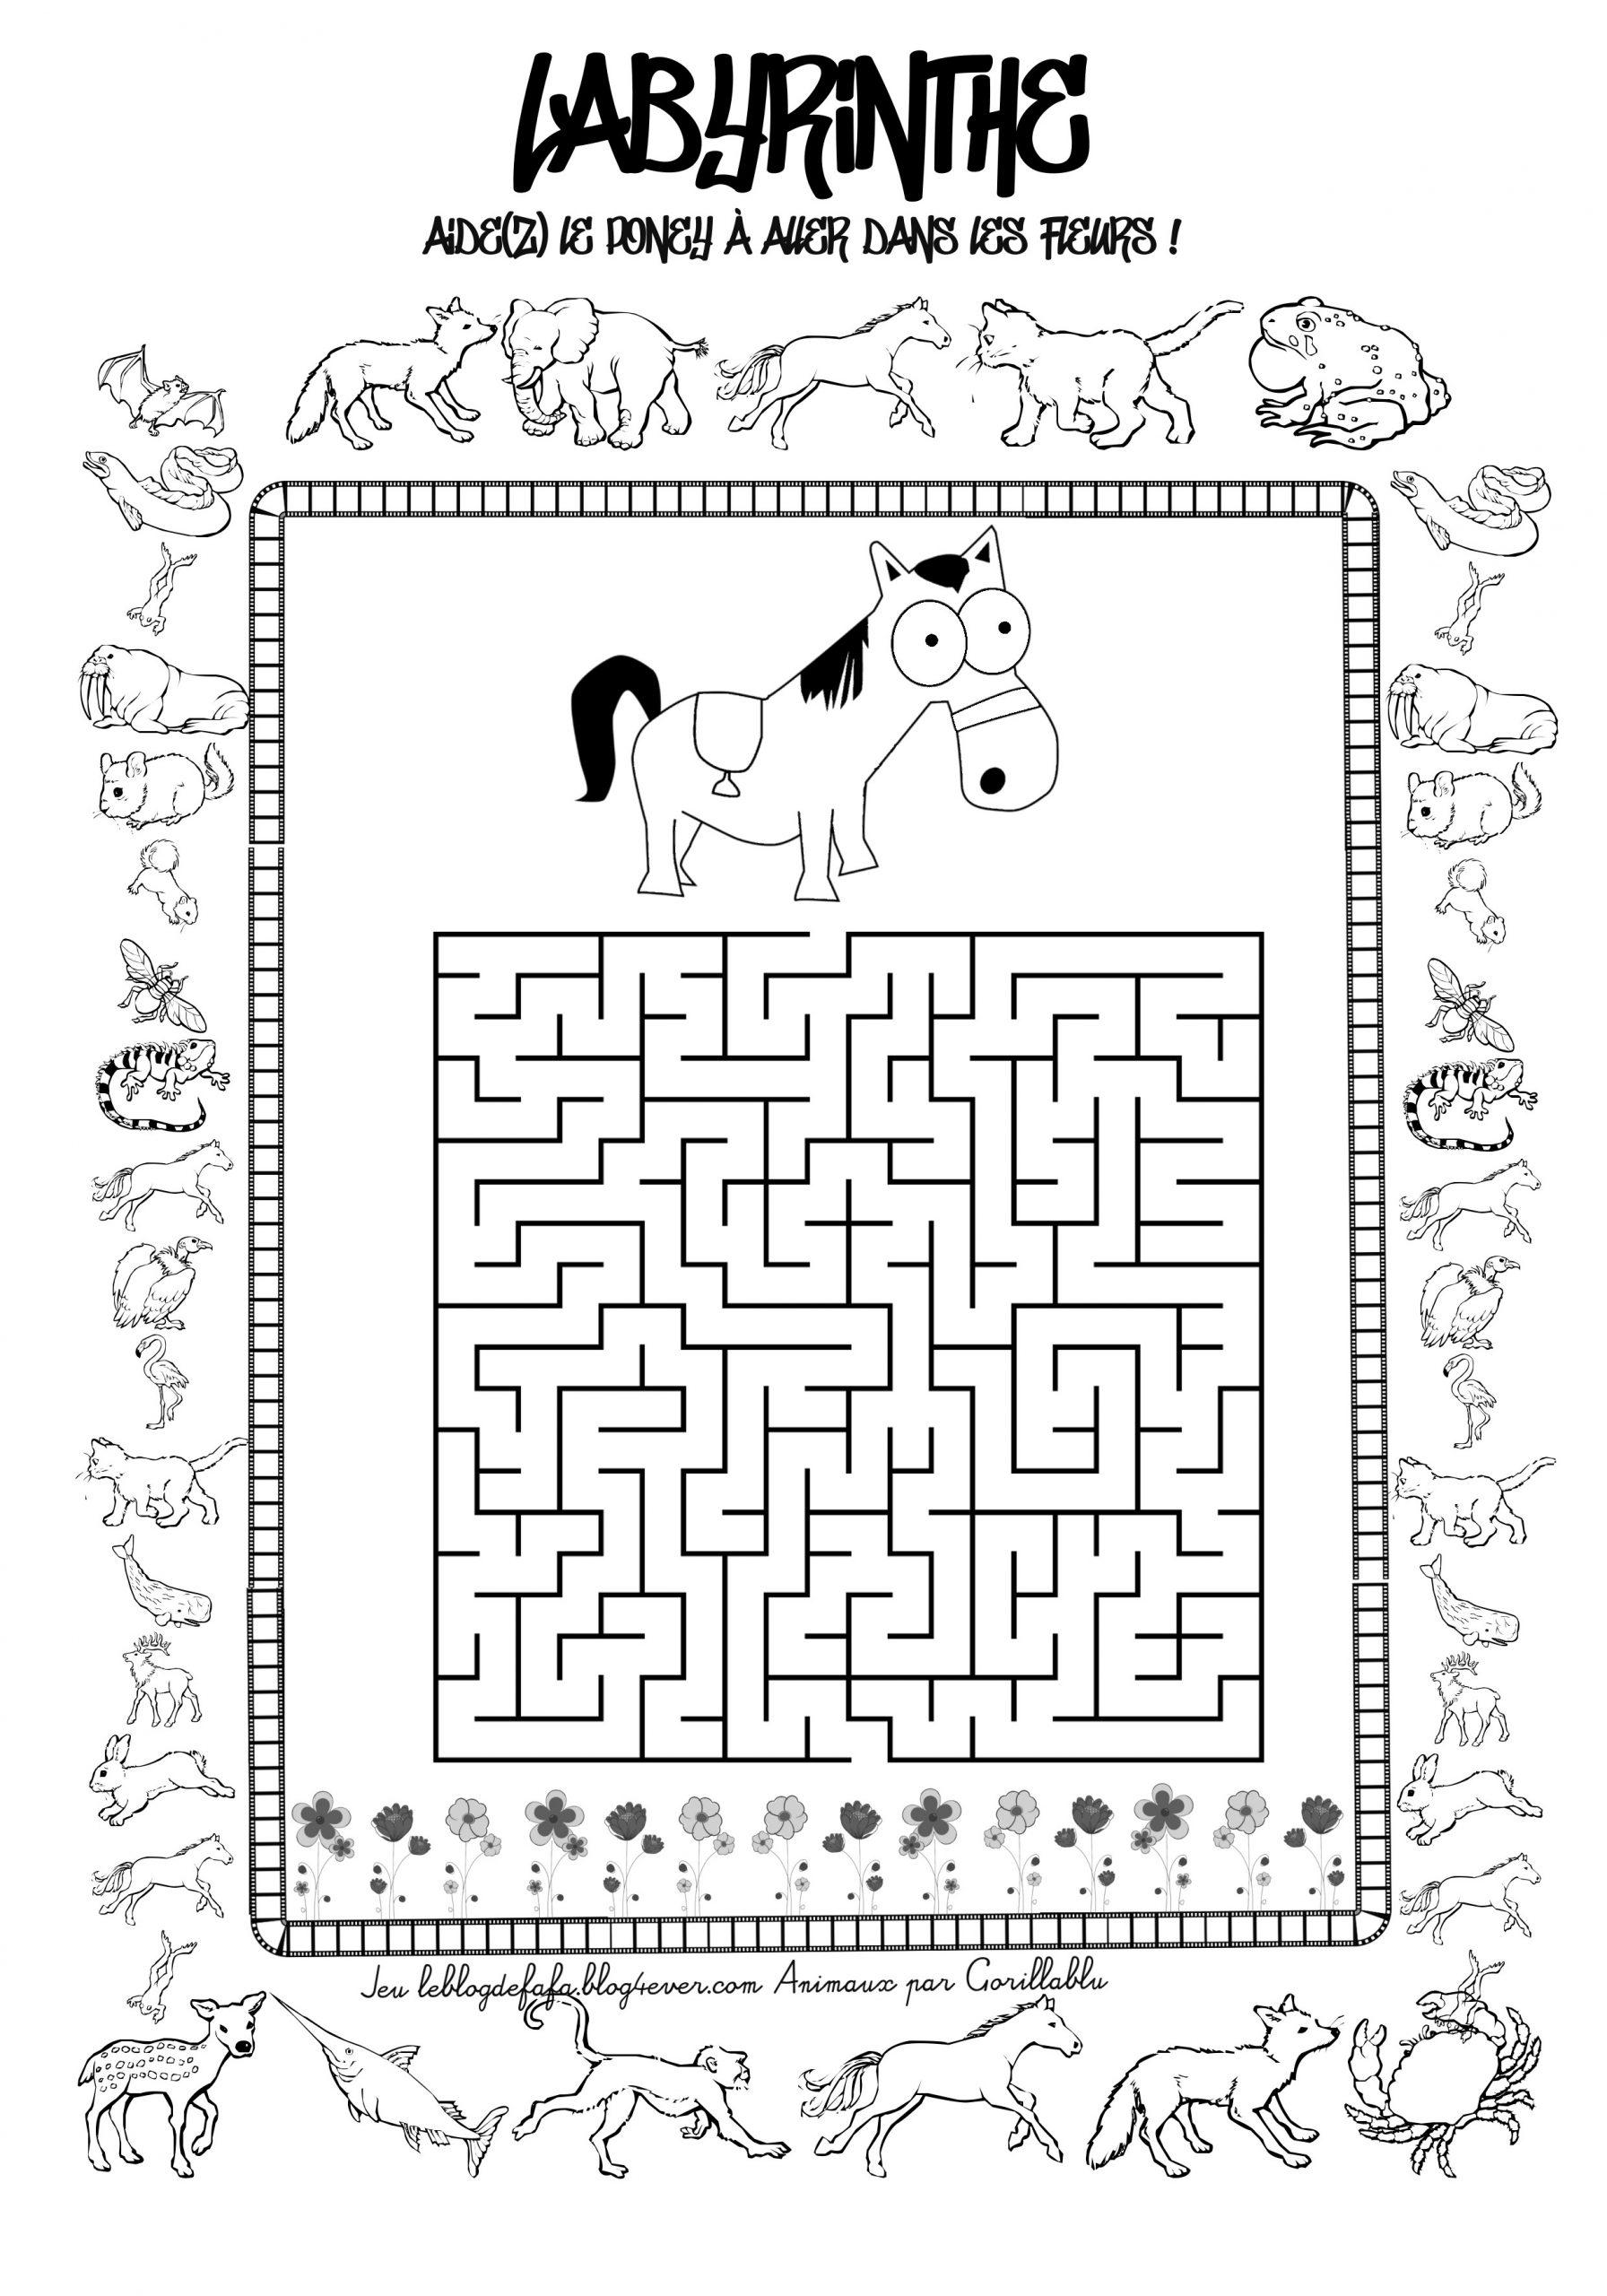 Jeux Chevaux Gratuits À Imprimer : Labyrinthes, Apprendre À encequiconcerne Jeux De Coloriage De Cheval